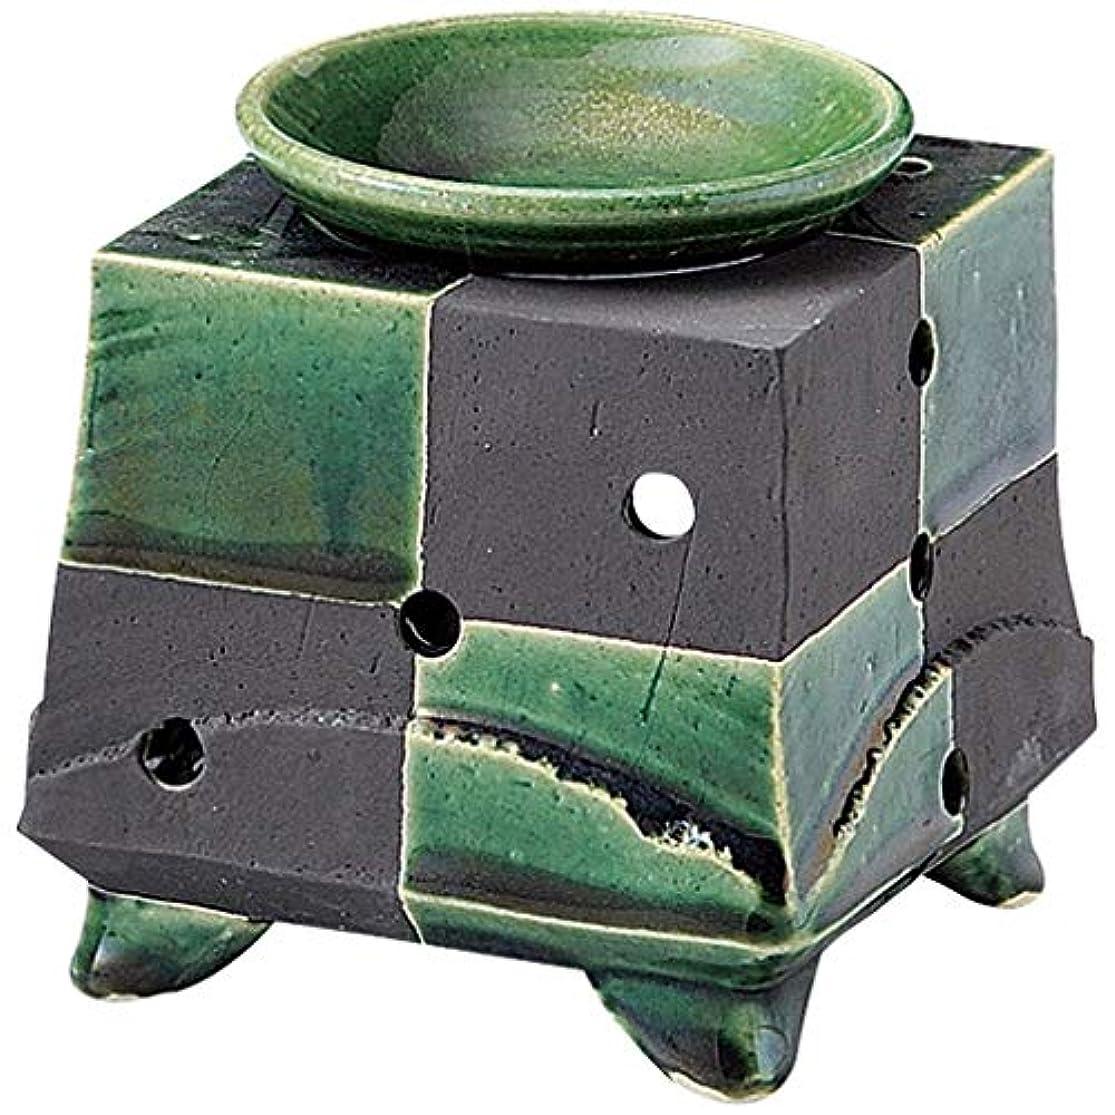 認知ベックスやけどYI--Y-1622 常滑焼 茶香炉 化粧箱入 径11.5×高さ11.5cm